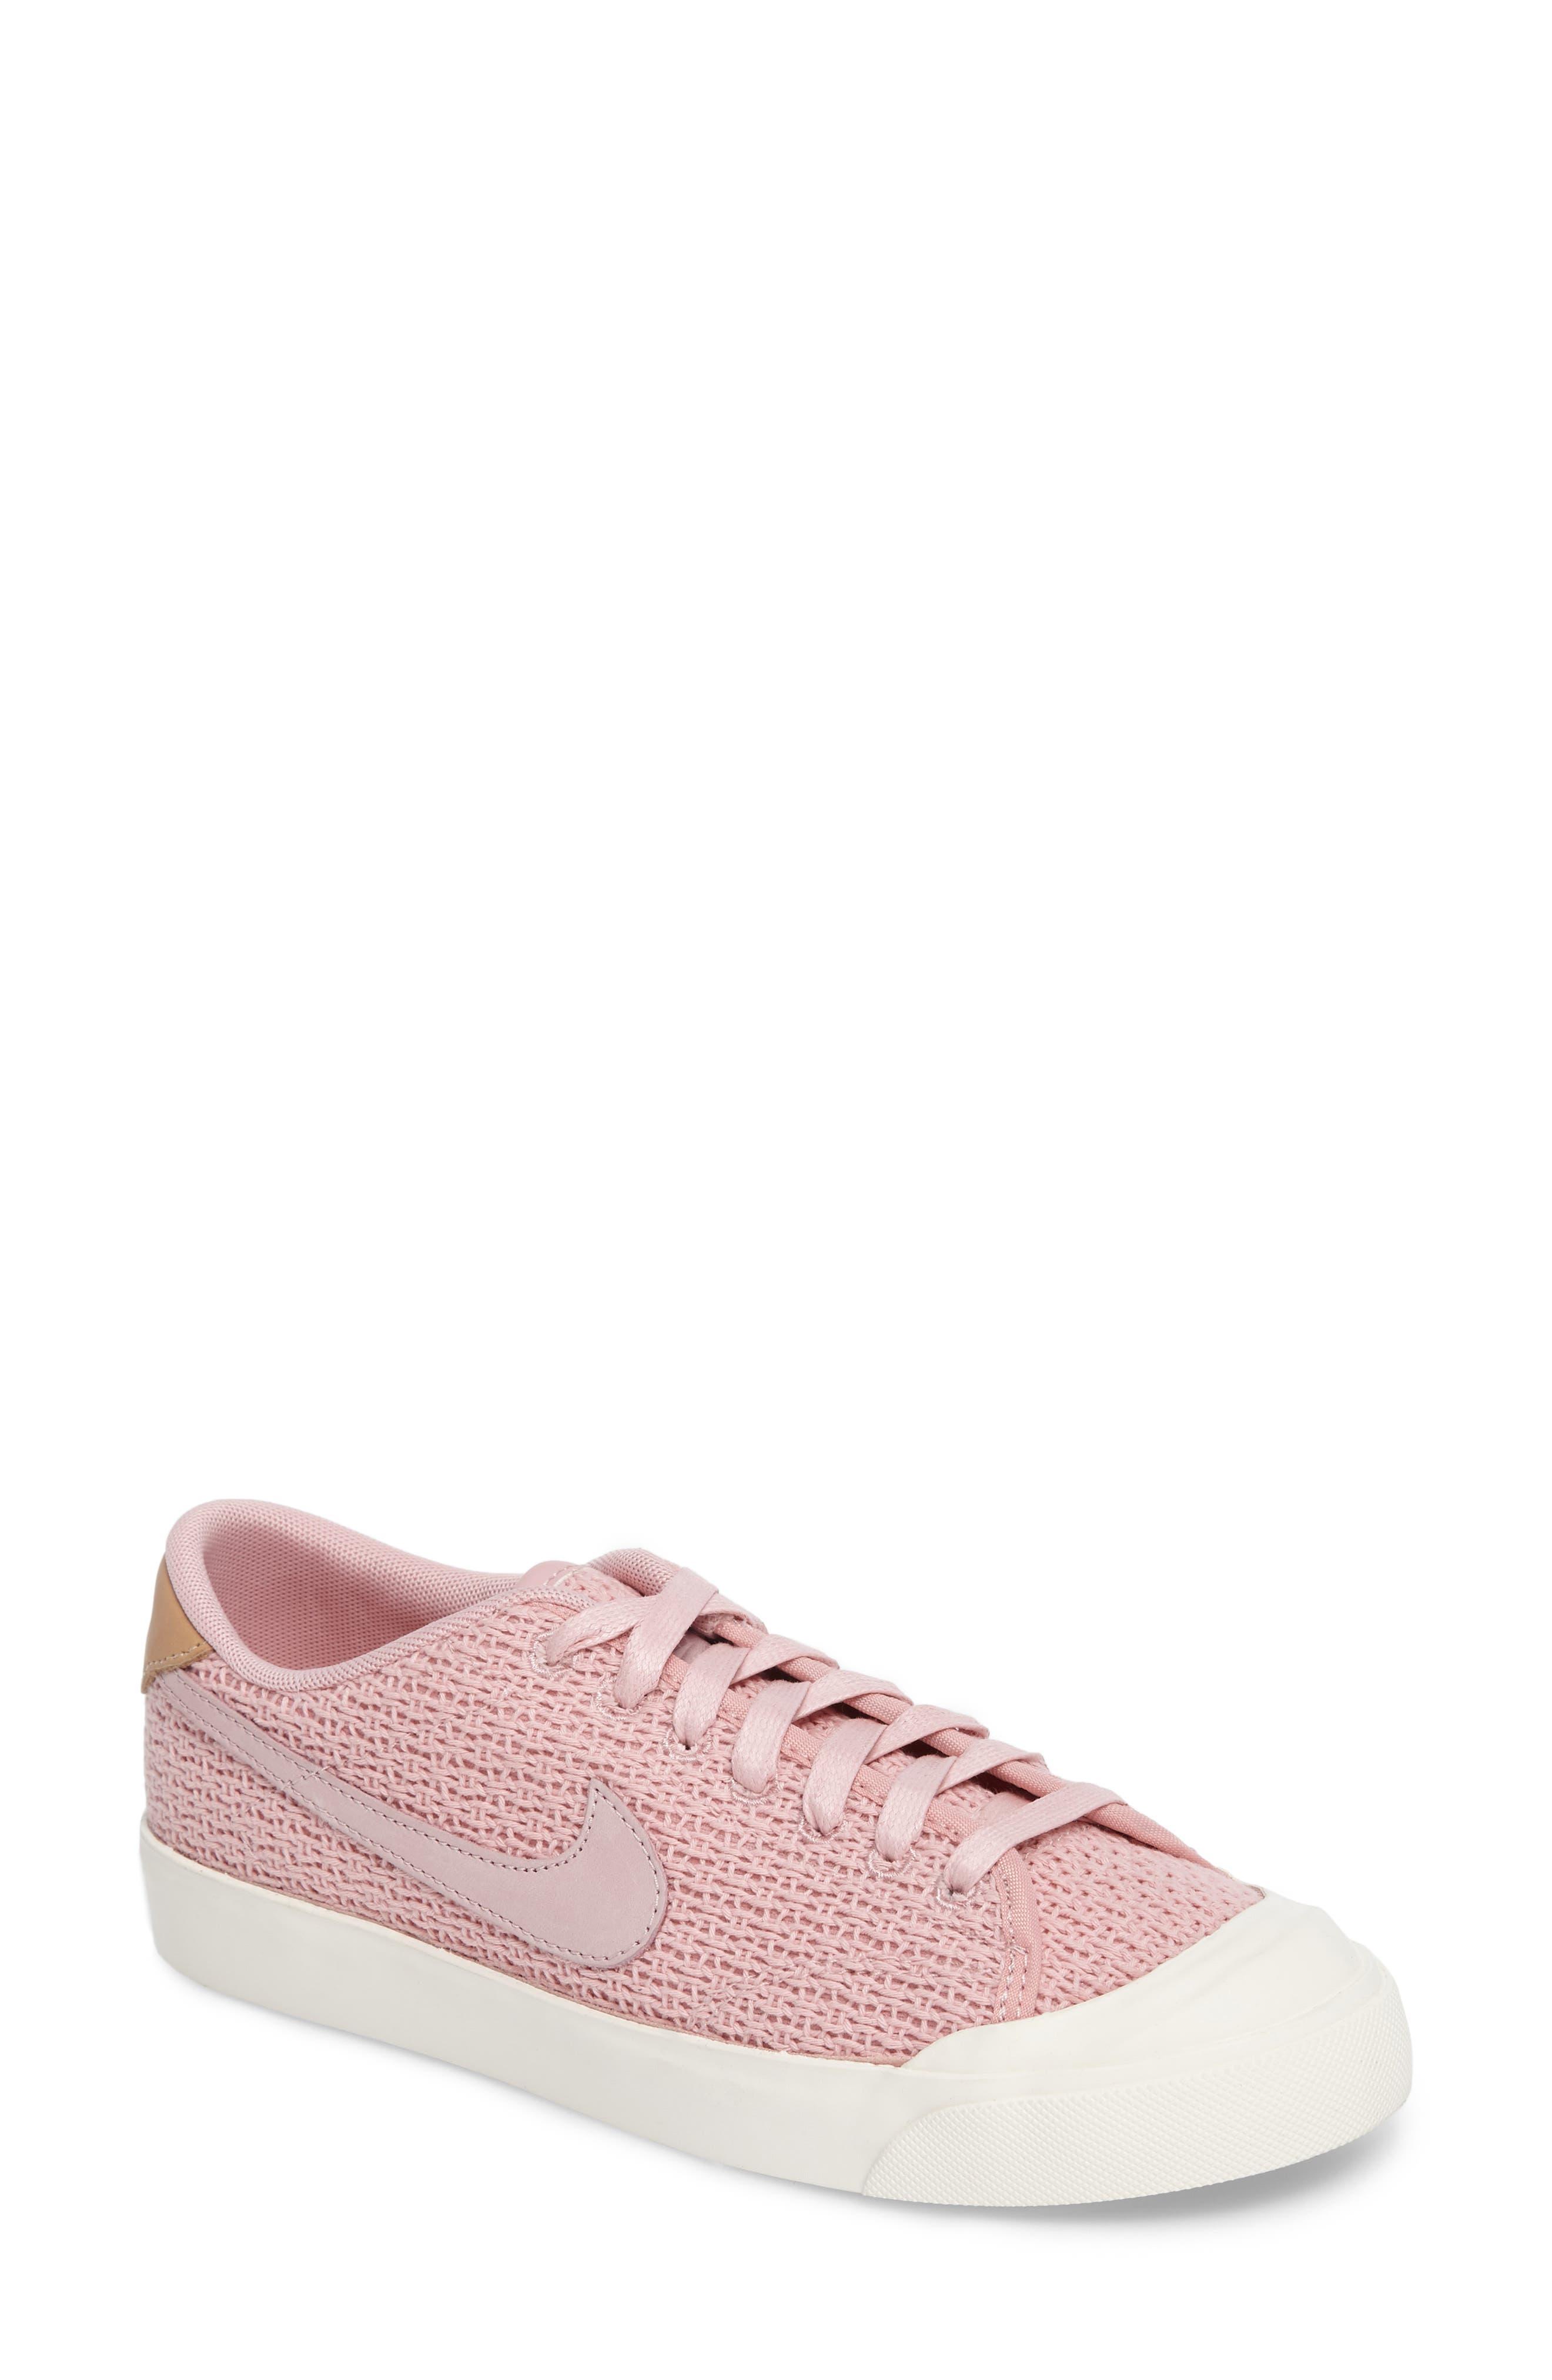 Alternate Image 1 Selected - Nike All Court 2 Sneaker (Women)